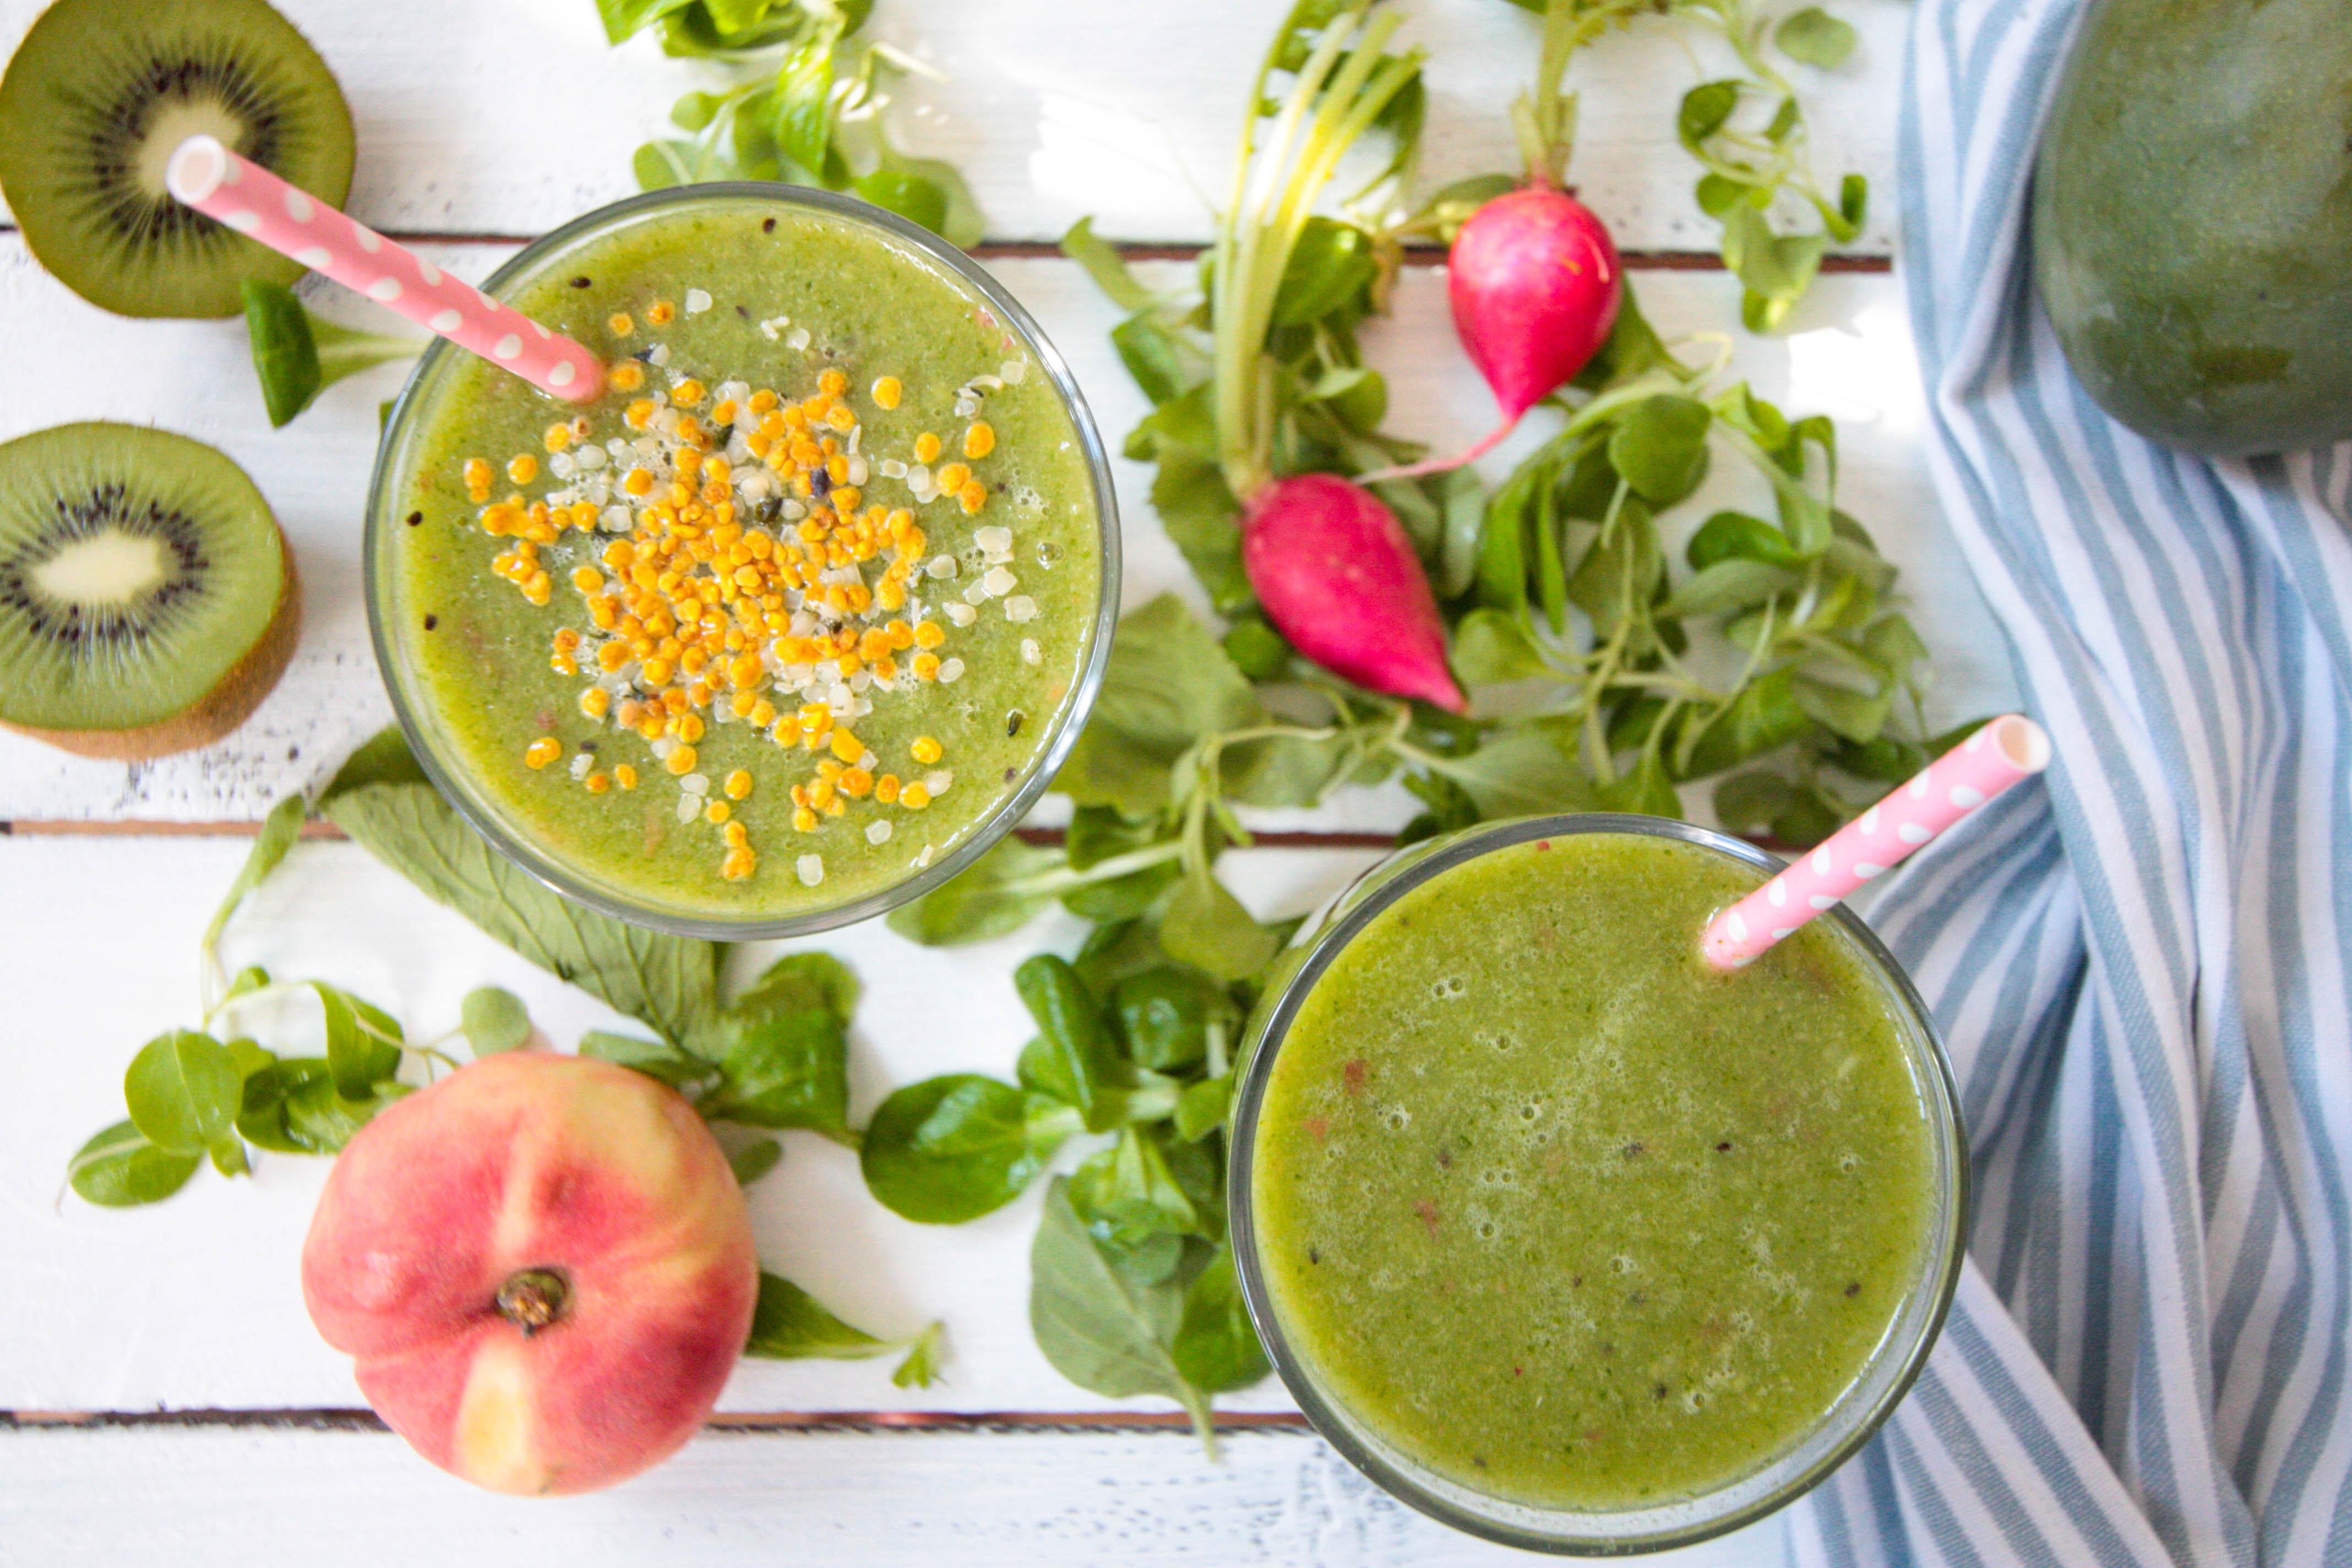 Erfrischender Grüner Smoothie mit Blütenpollen und Radieschenblättern